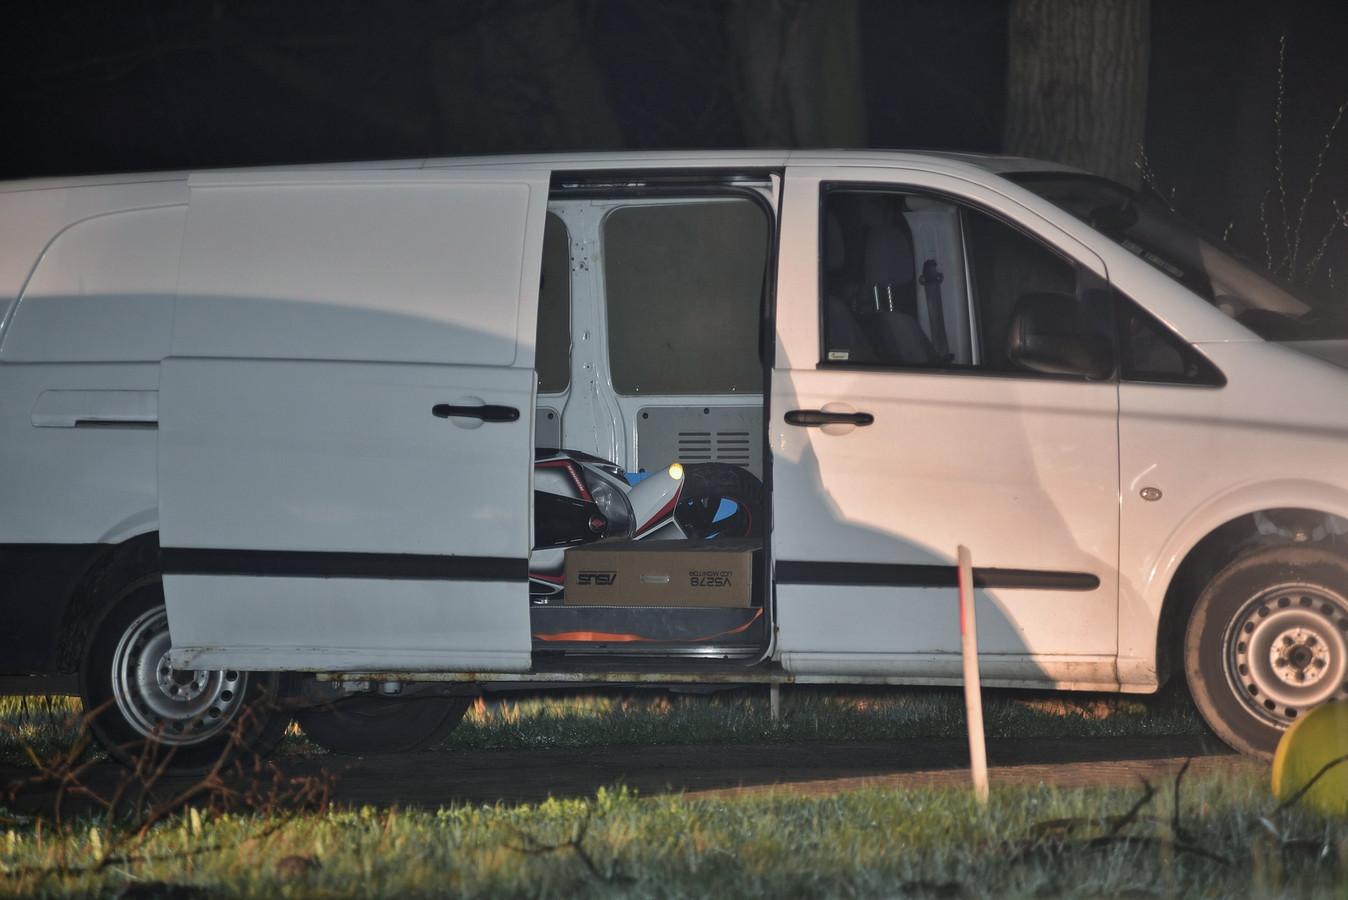 Het busje waarin de verdachten reden. Binnen lag onder andere een motorvoertuig.